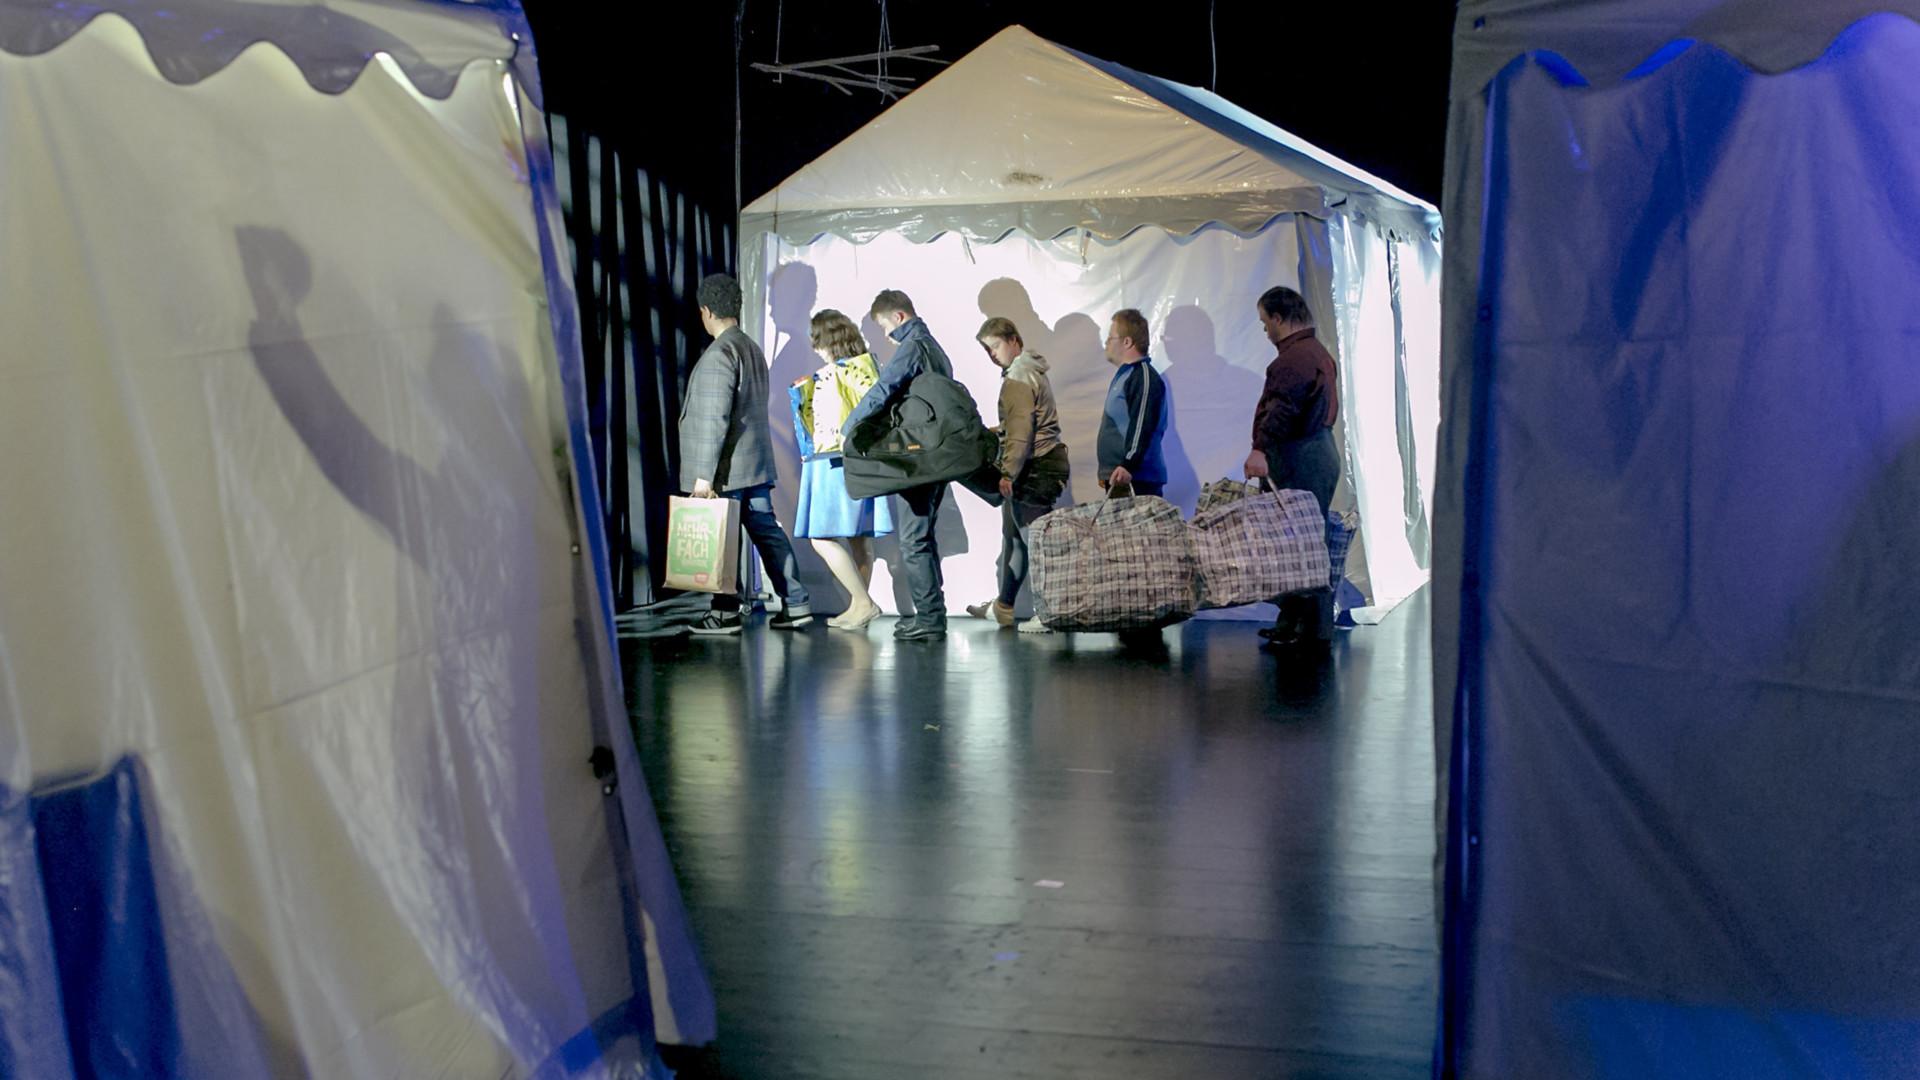 Szenenfoto aus einer Auffuehrung: Drei weisse Partyzelte, zwei angeschnitten im Vordergrund, eines im Hintergrund. Vor dem hintern Zelt geht eine Gruppe von 6 Personen hintereinander entlang, in Alltagskleidung, alle mit großen Tüten und Taschen.